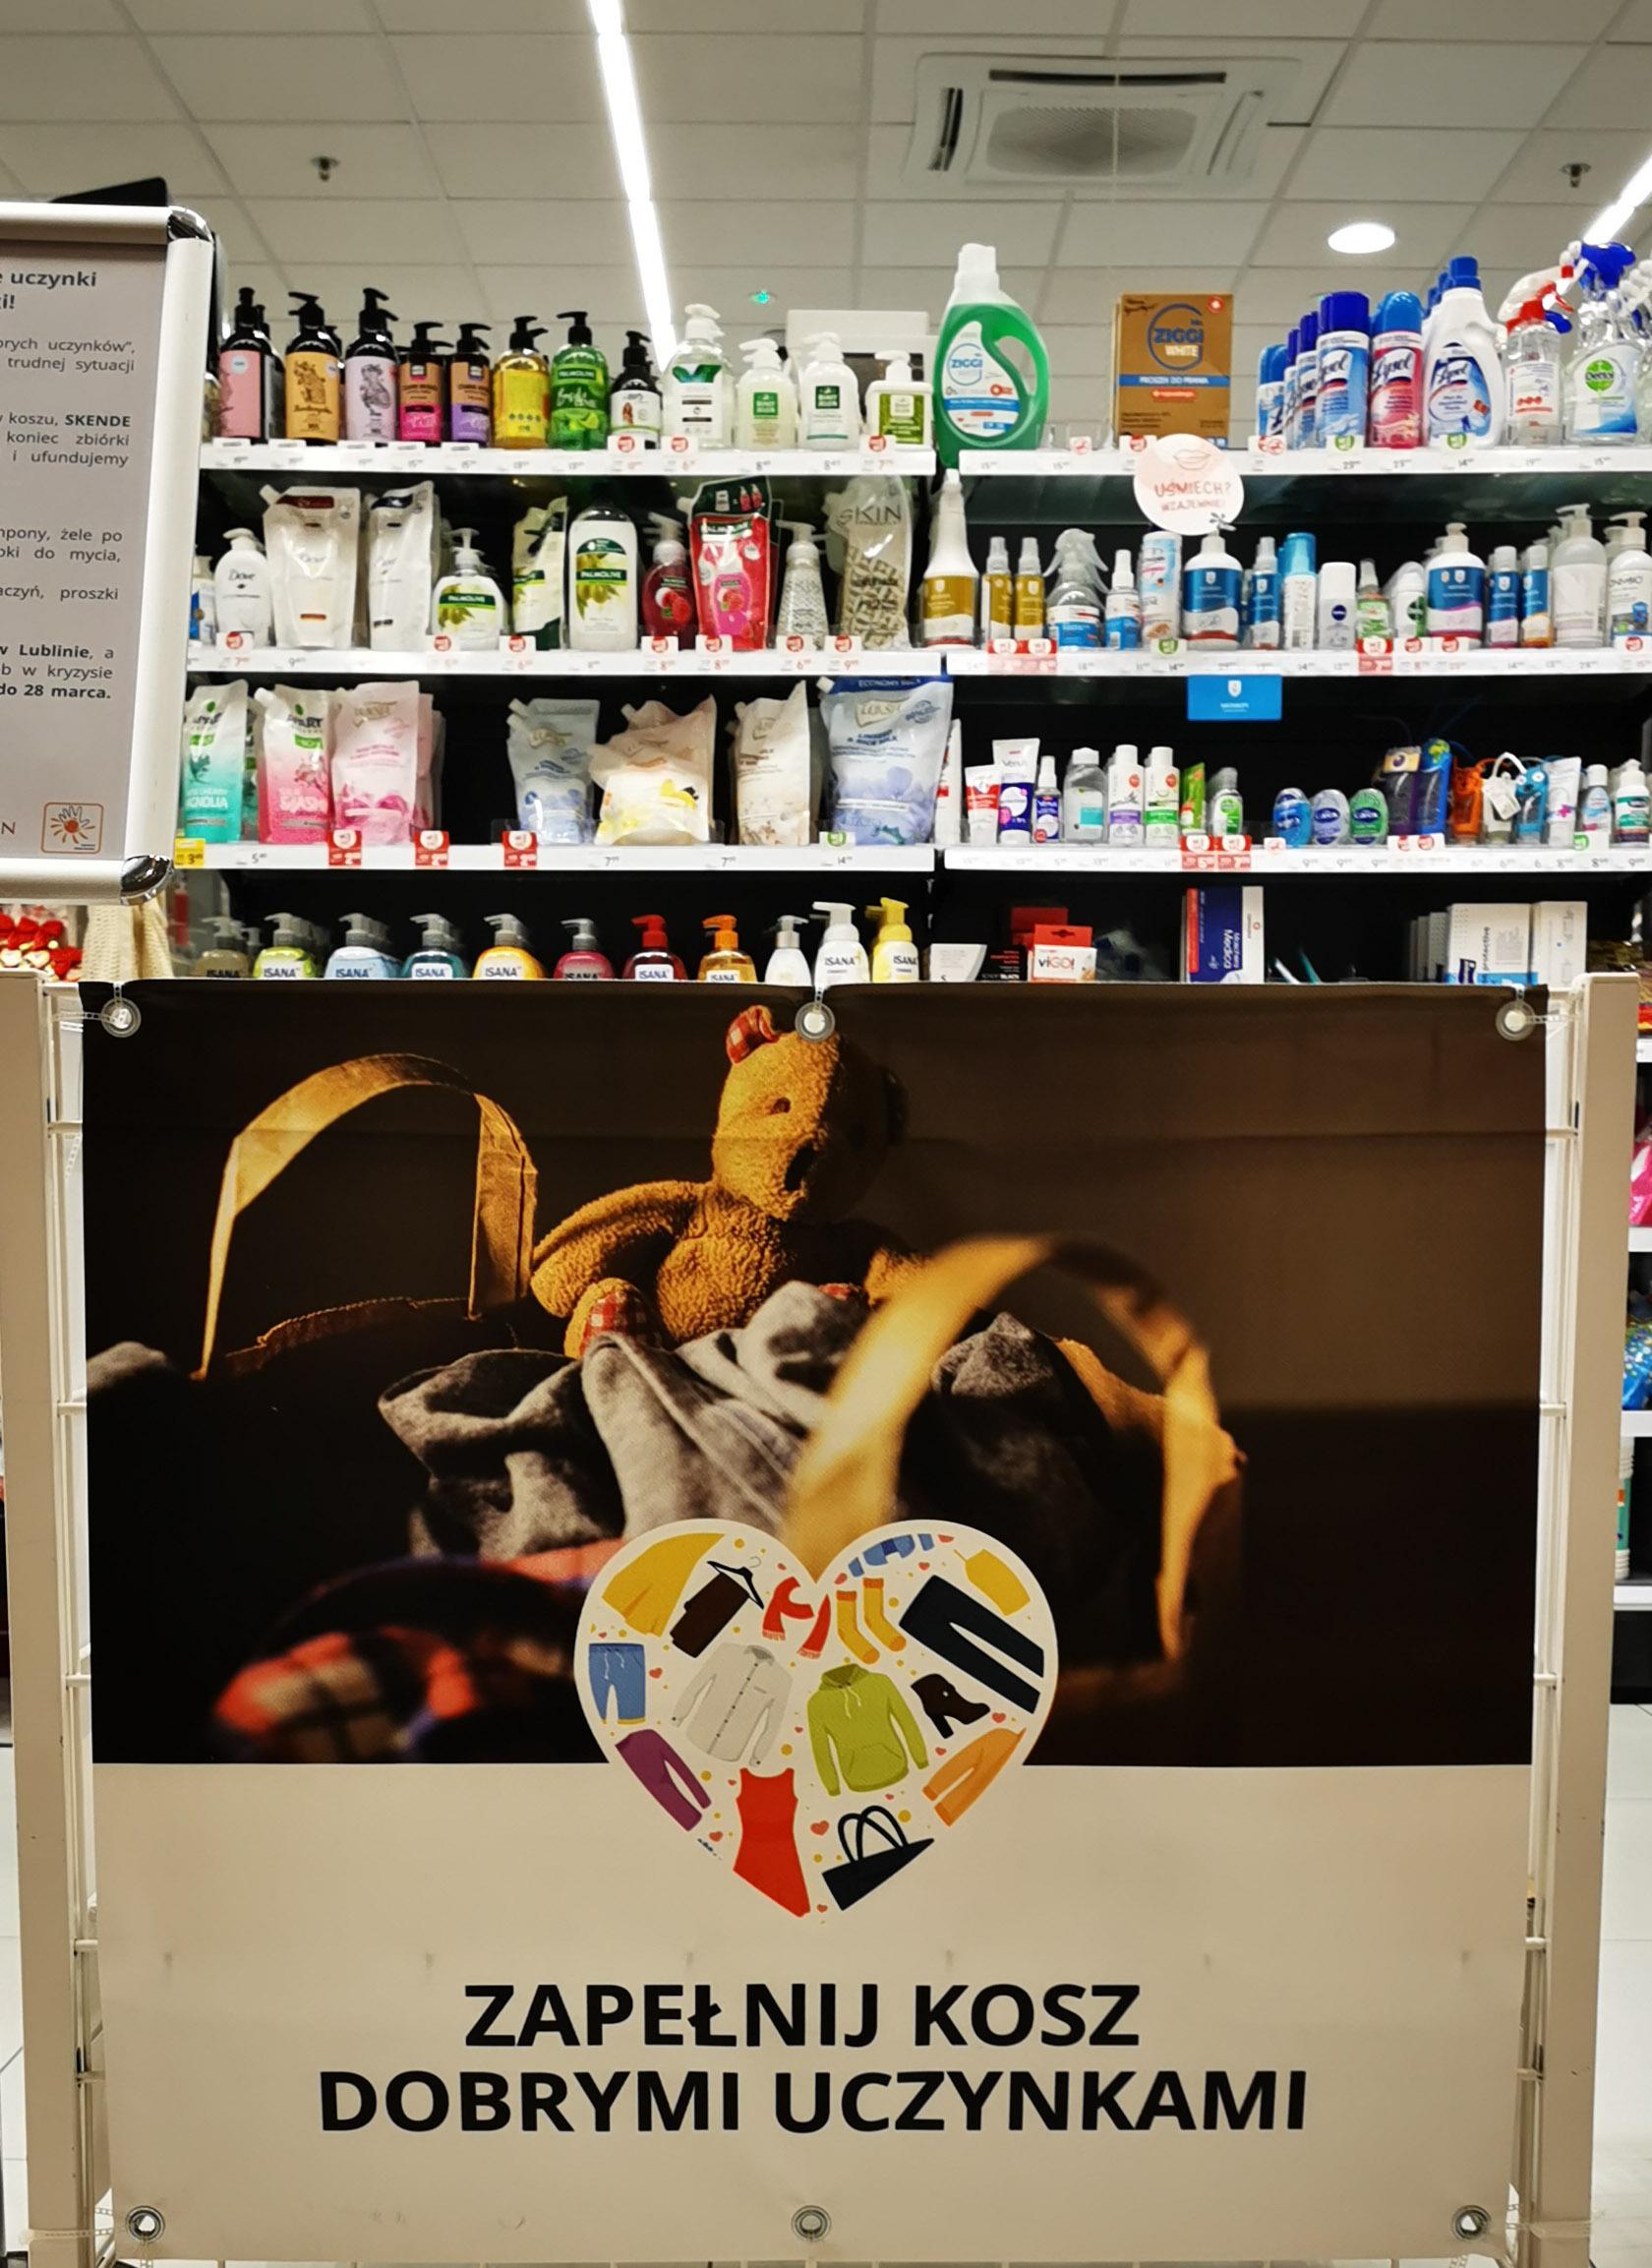 """Trwa akcja """"Szafa dobrych uczynków"""" w Lublinie. Zbierane są ubrania i środki czystości - Zdjęcie główne"""